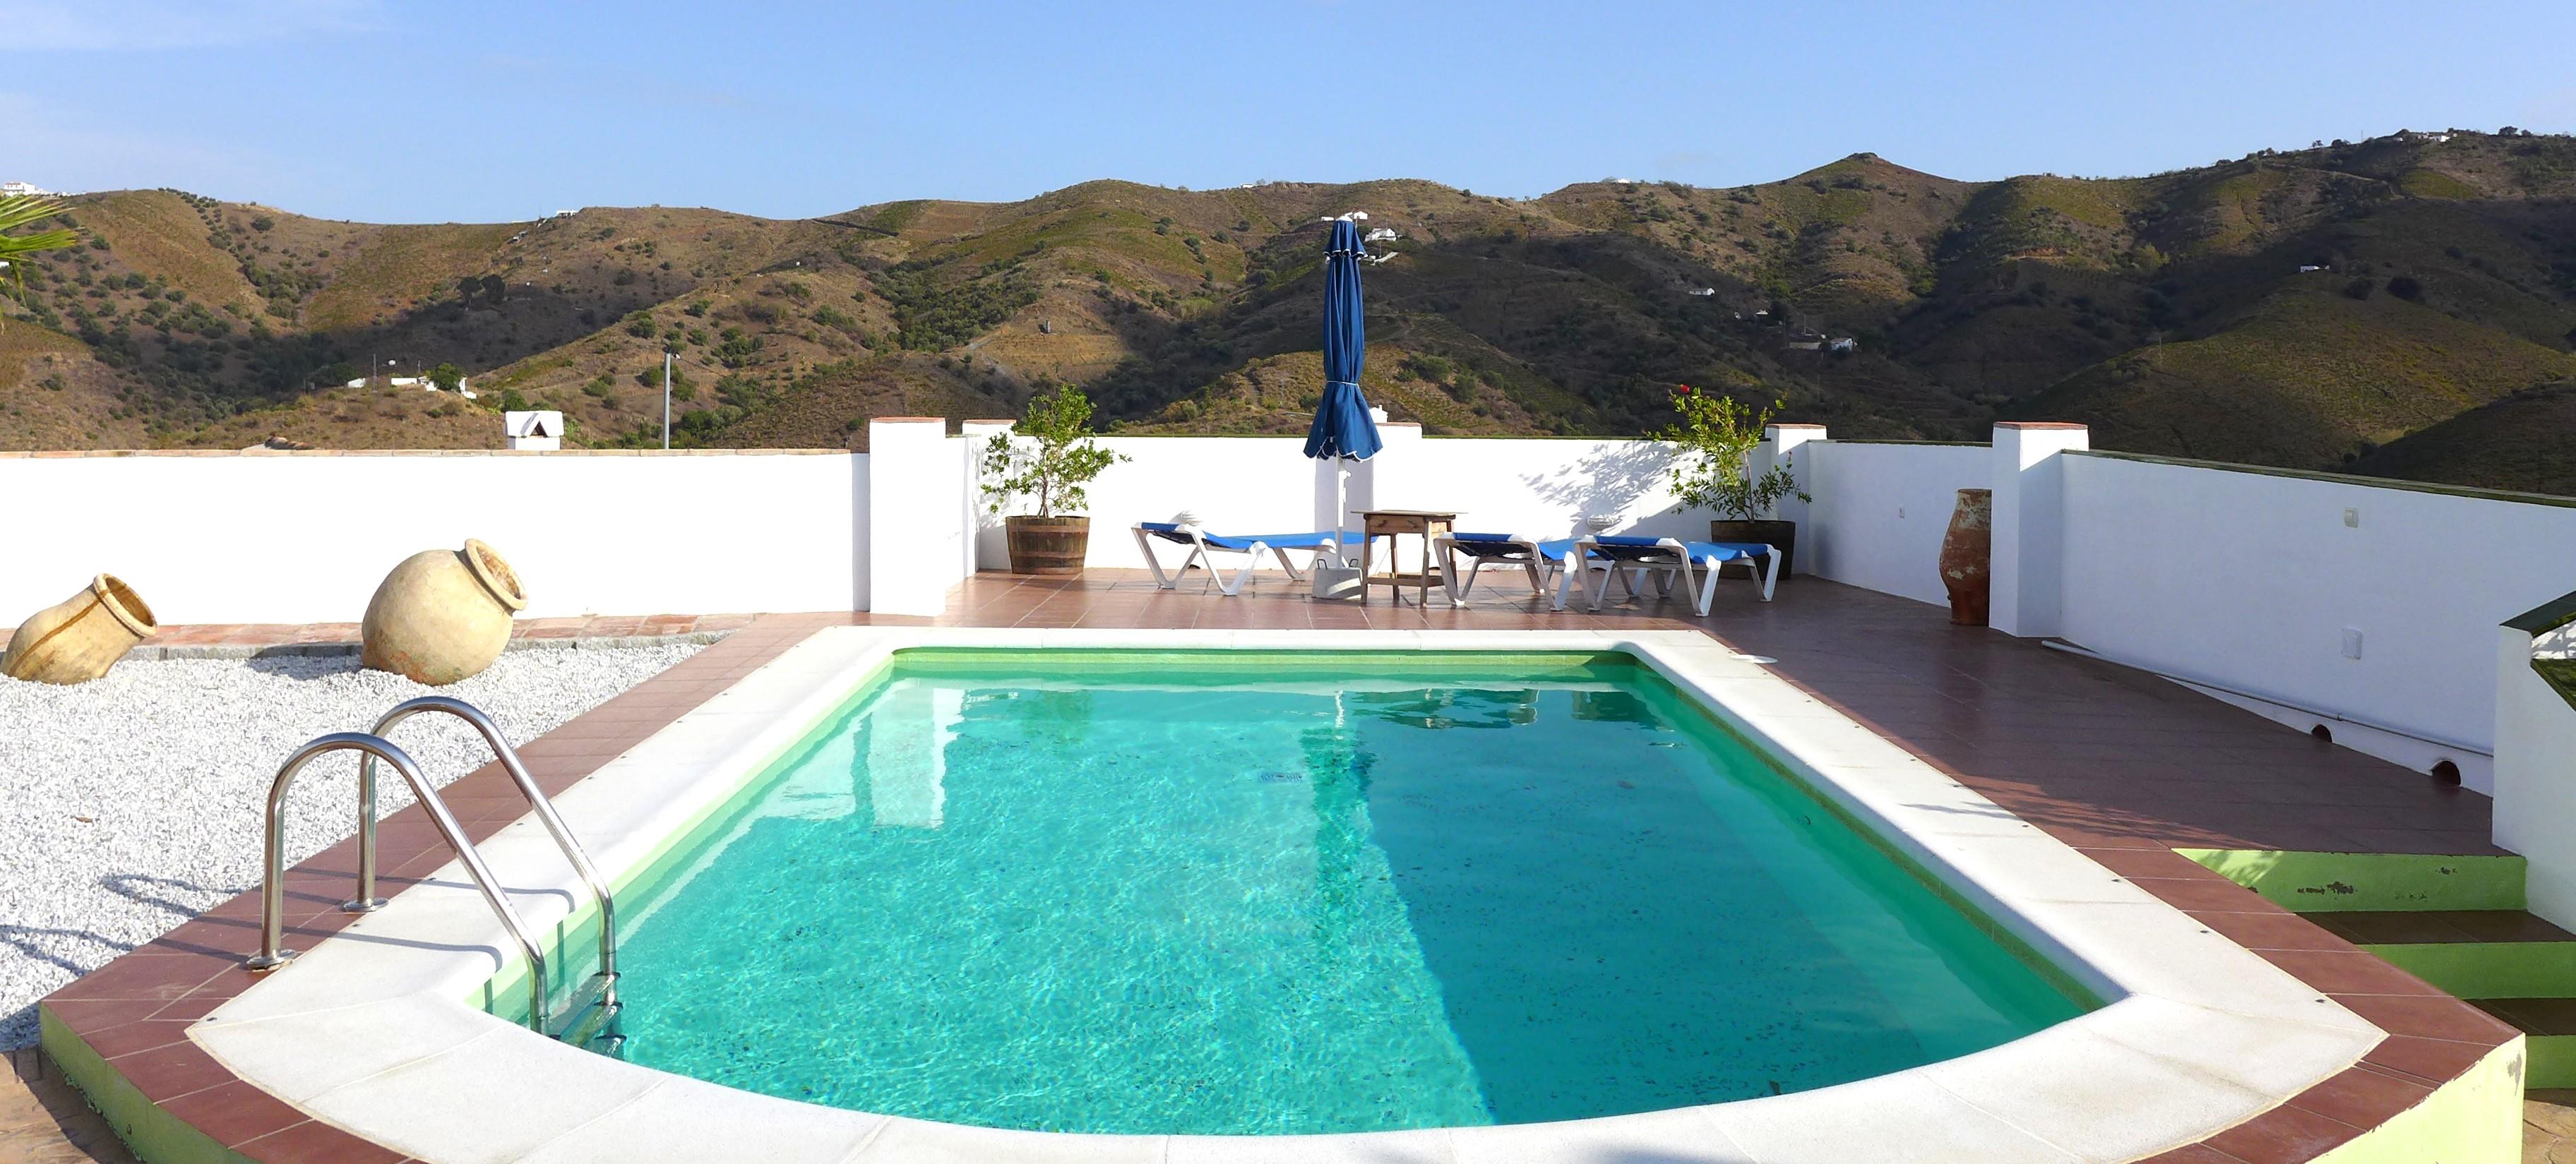 vakantiehuisje-natuur-rust-zoekers-andalusie-binneland-zuid-spanje zwembad